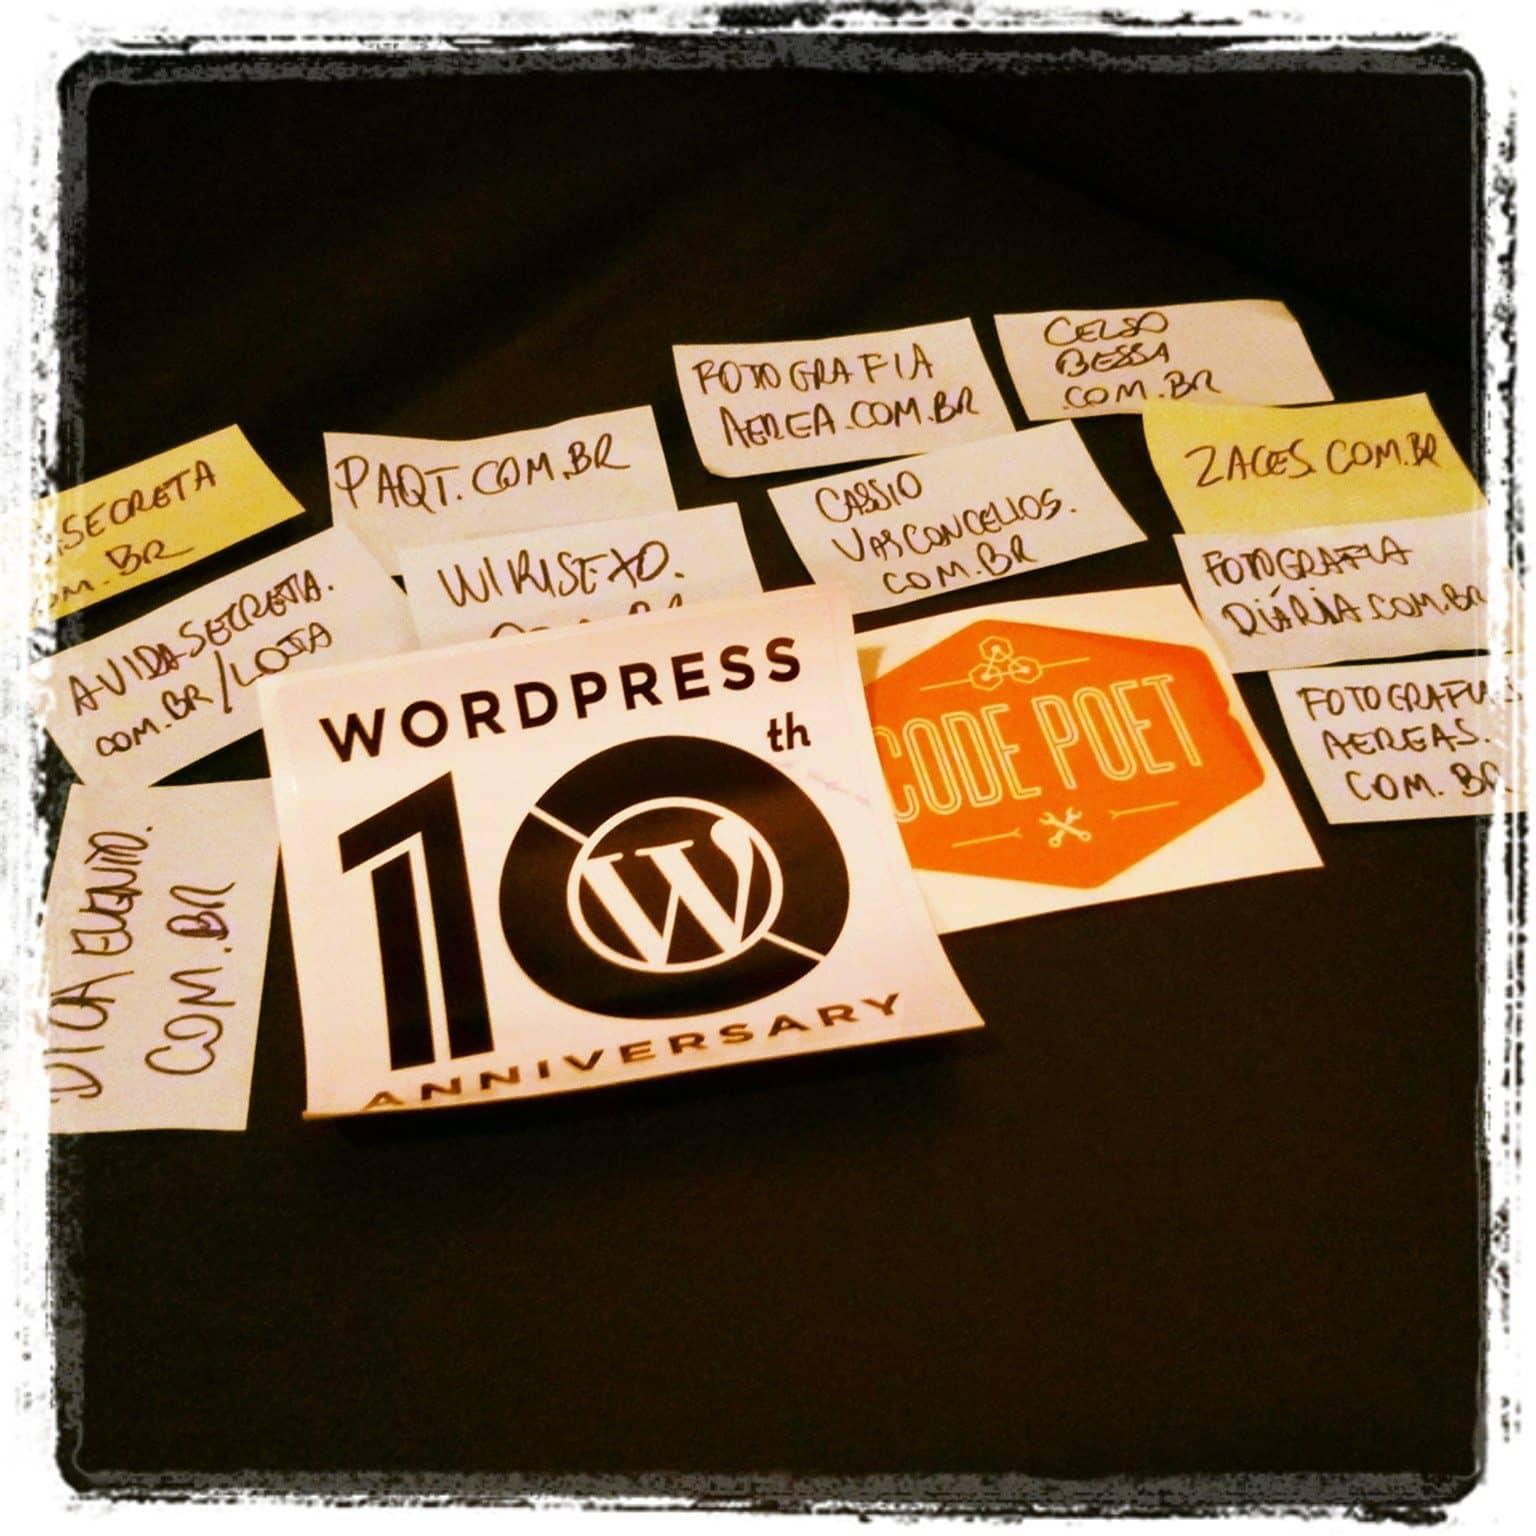 Wordpress 10 anos: 10 projetos, sites e blogs que participo